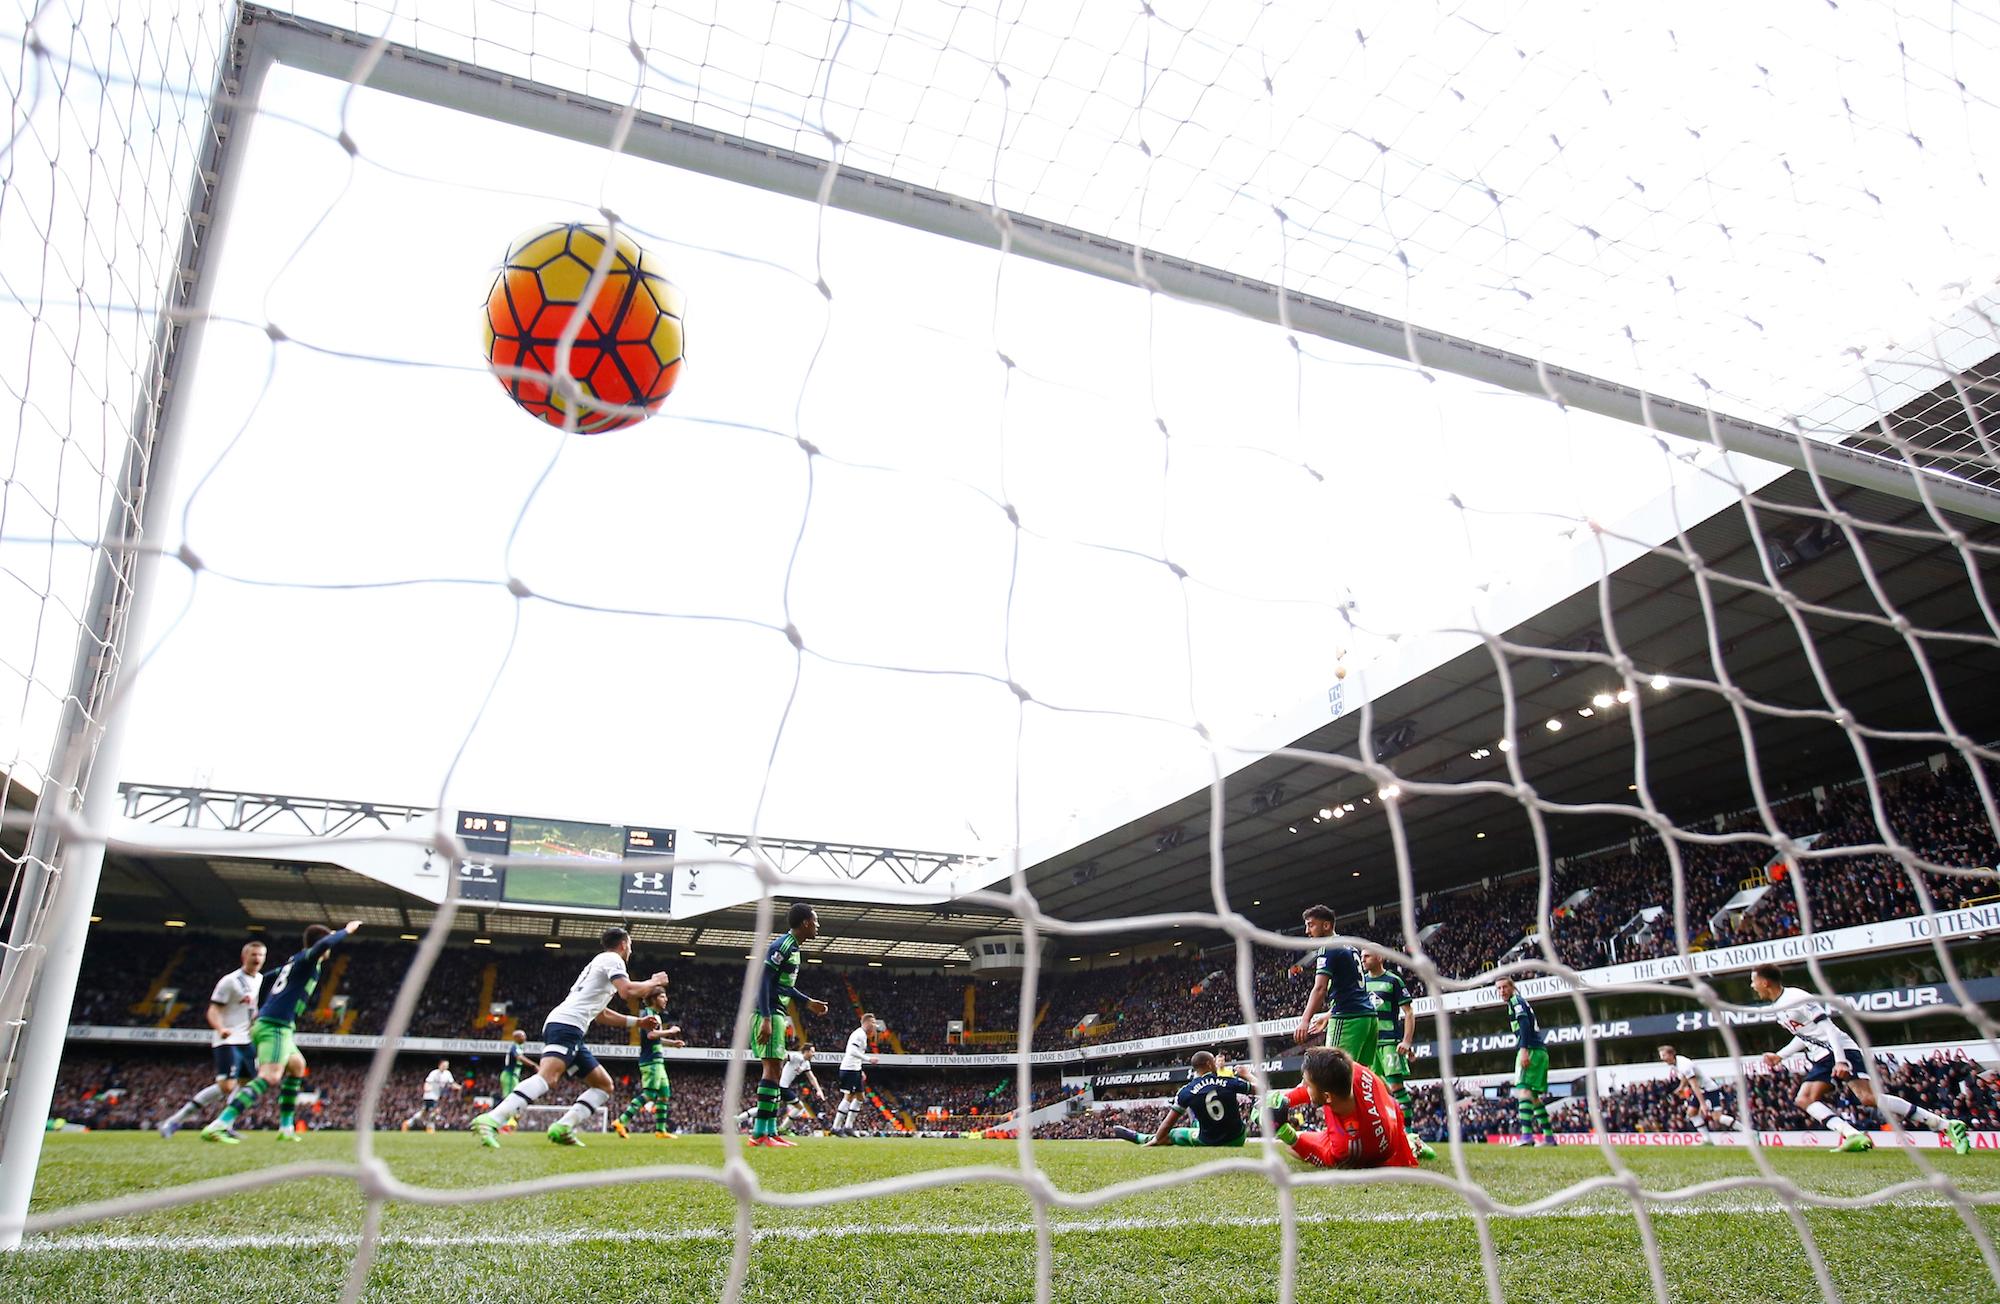 Il gol decisivo di Danny Rose per il 2-1 contro lo Swansea nell'ultima partita di Premier